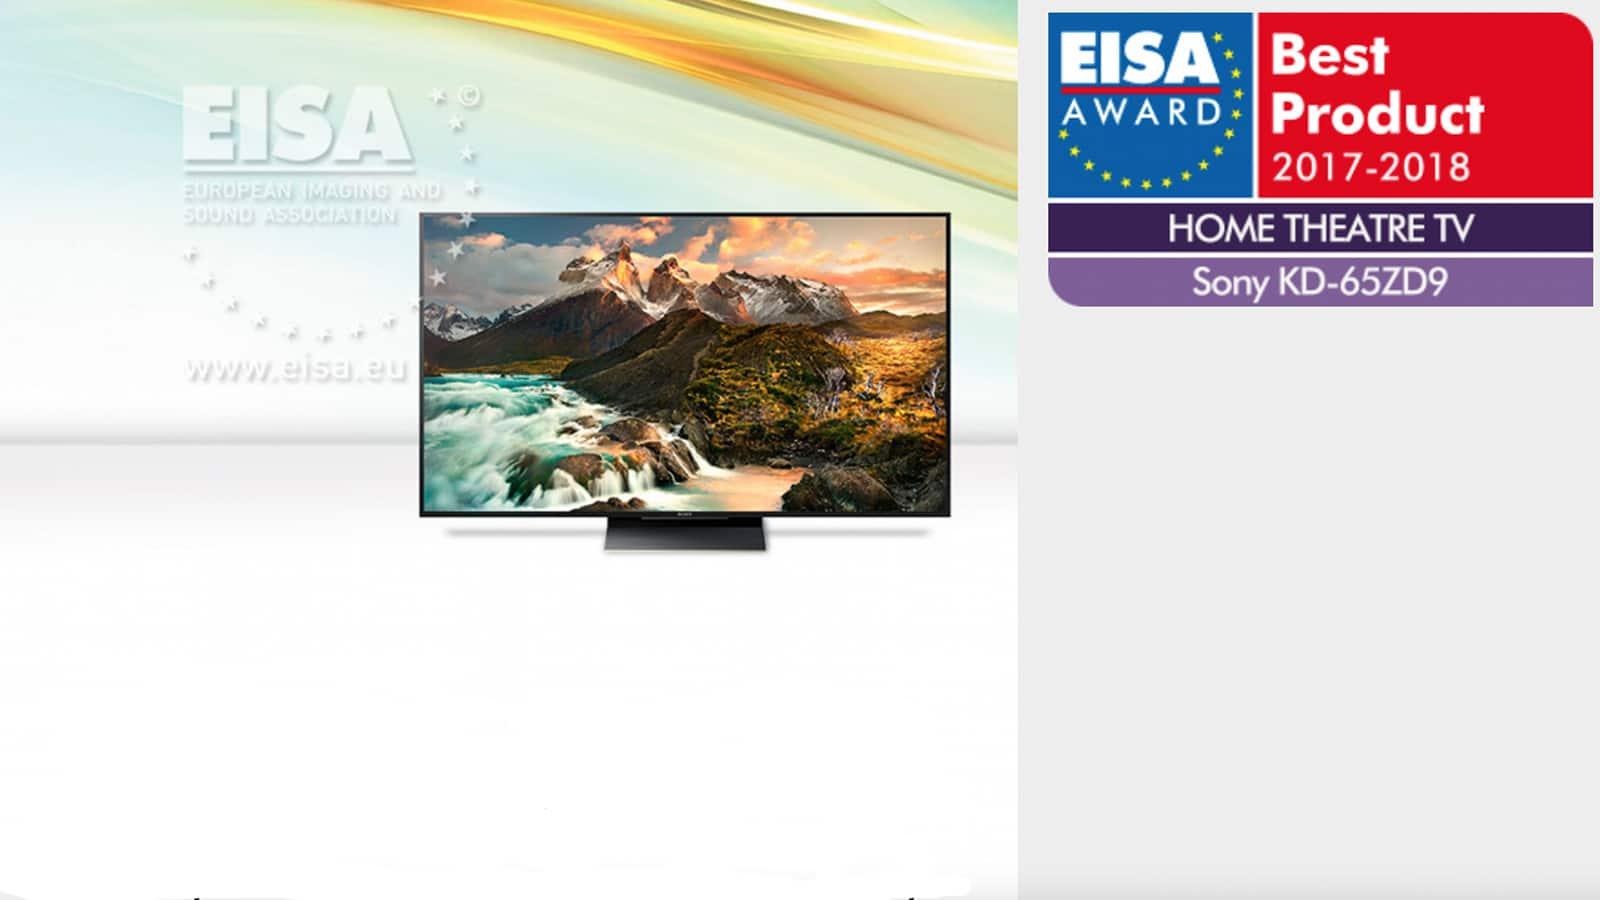 sony-kd-65zd9-wins-eisa-award